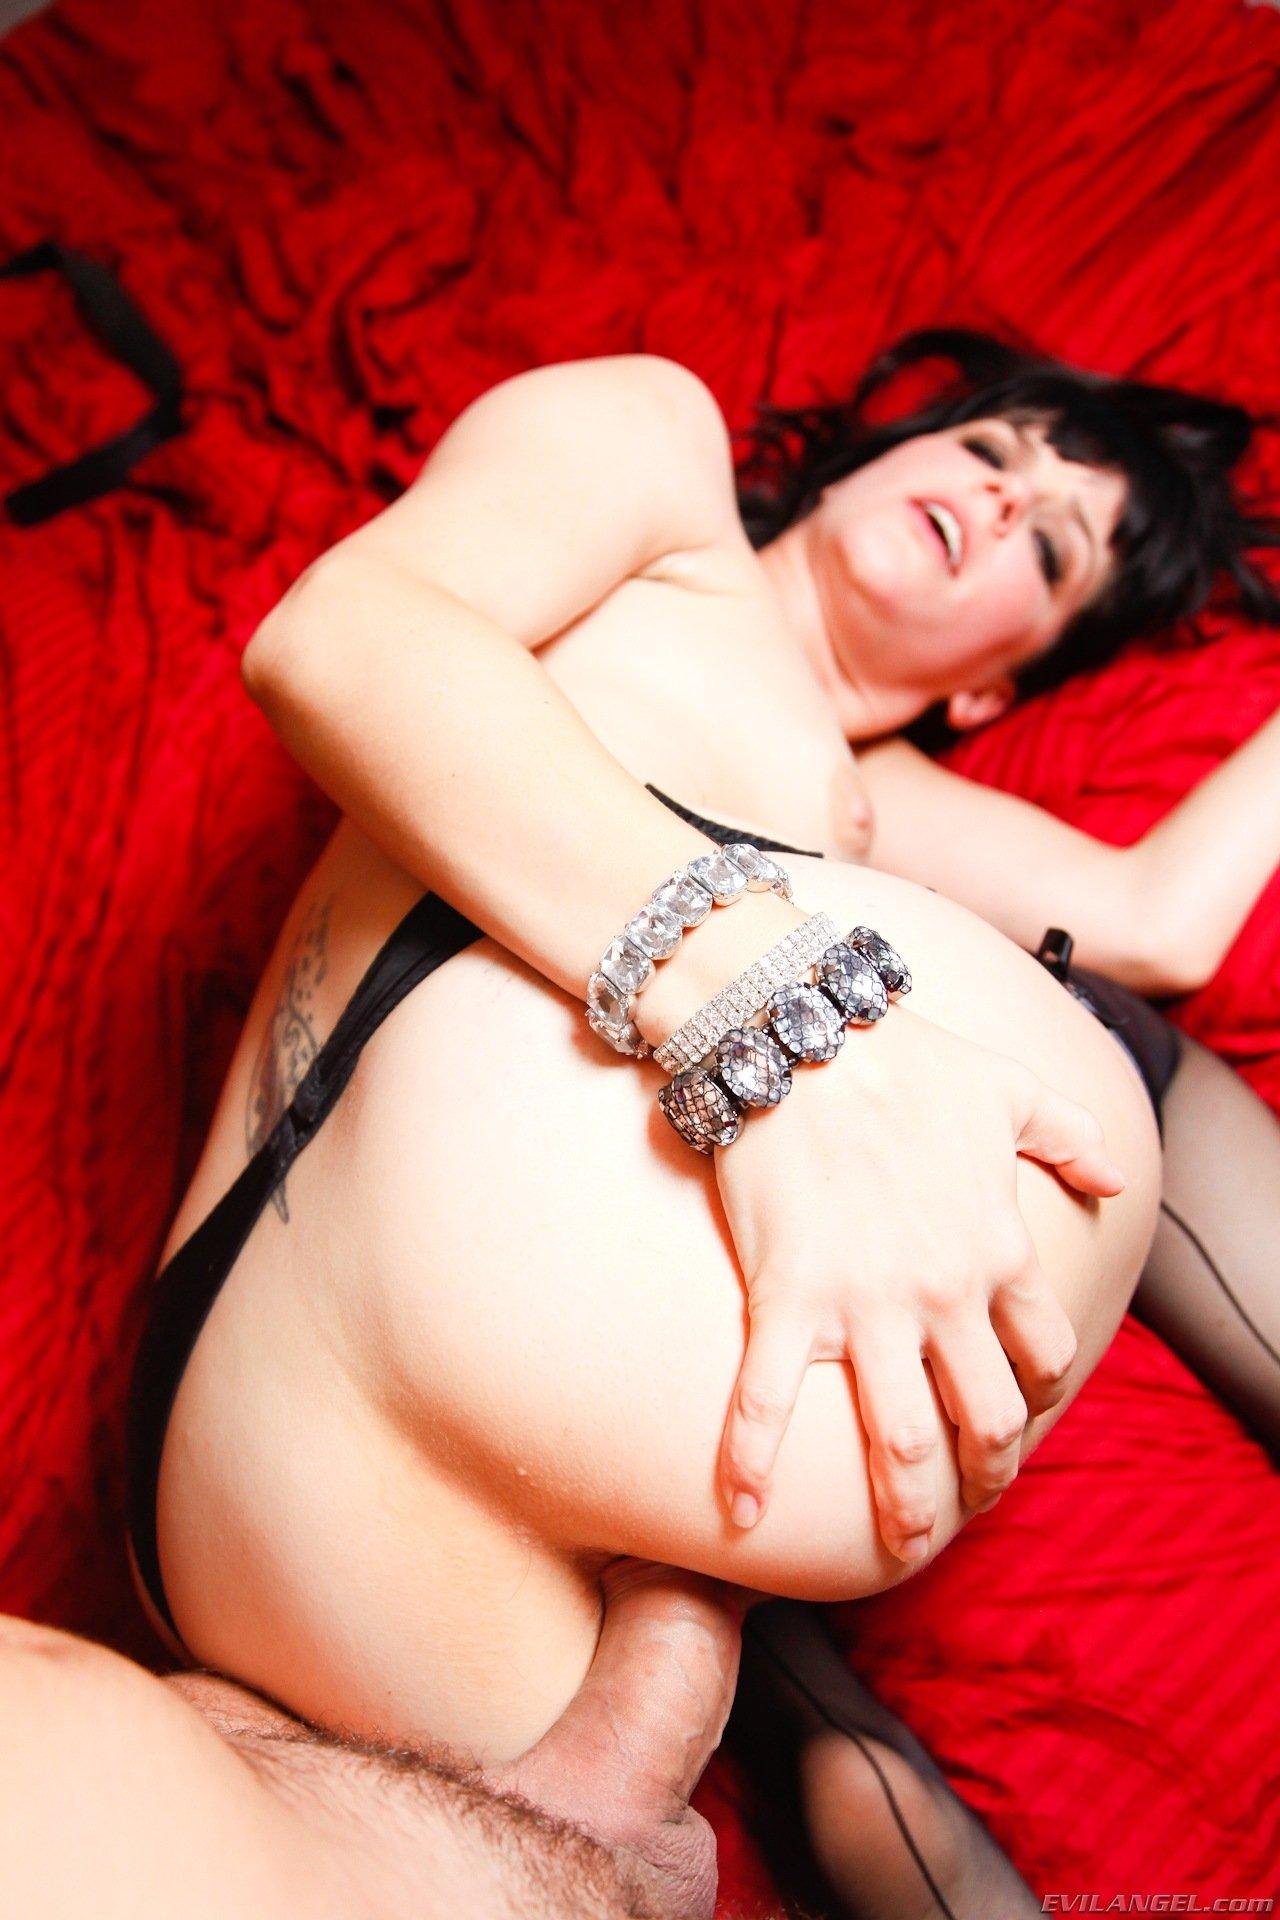 Из жопы в рот - Порно фото галерея 836312